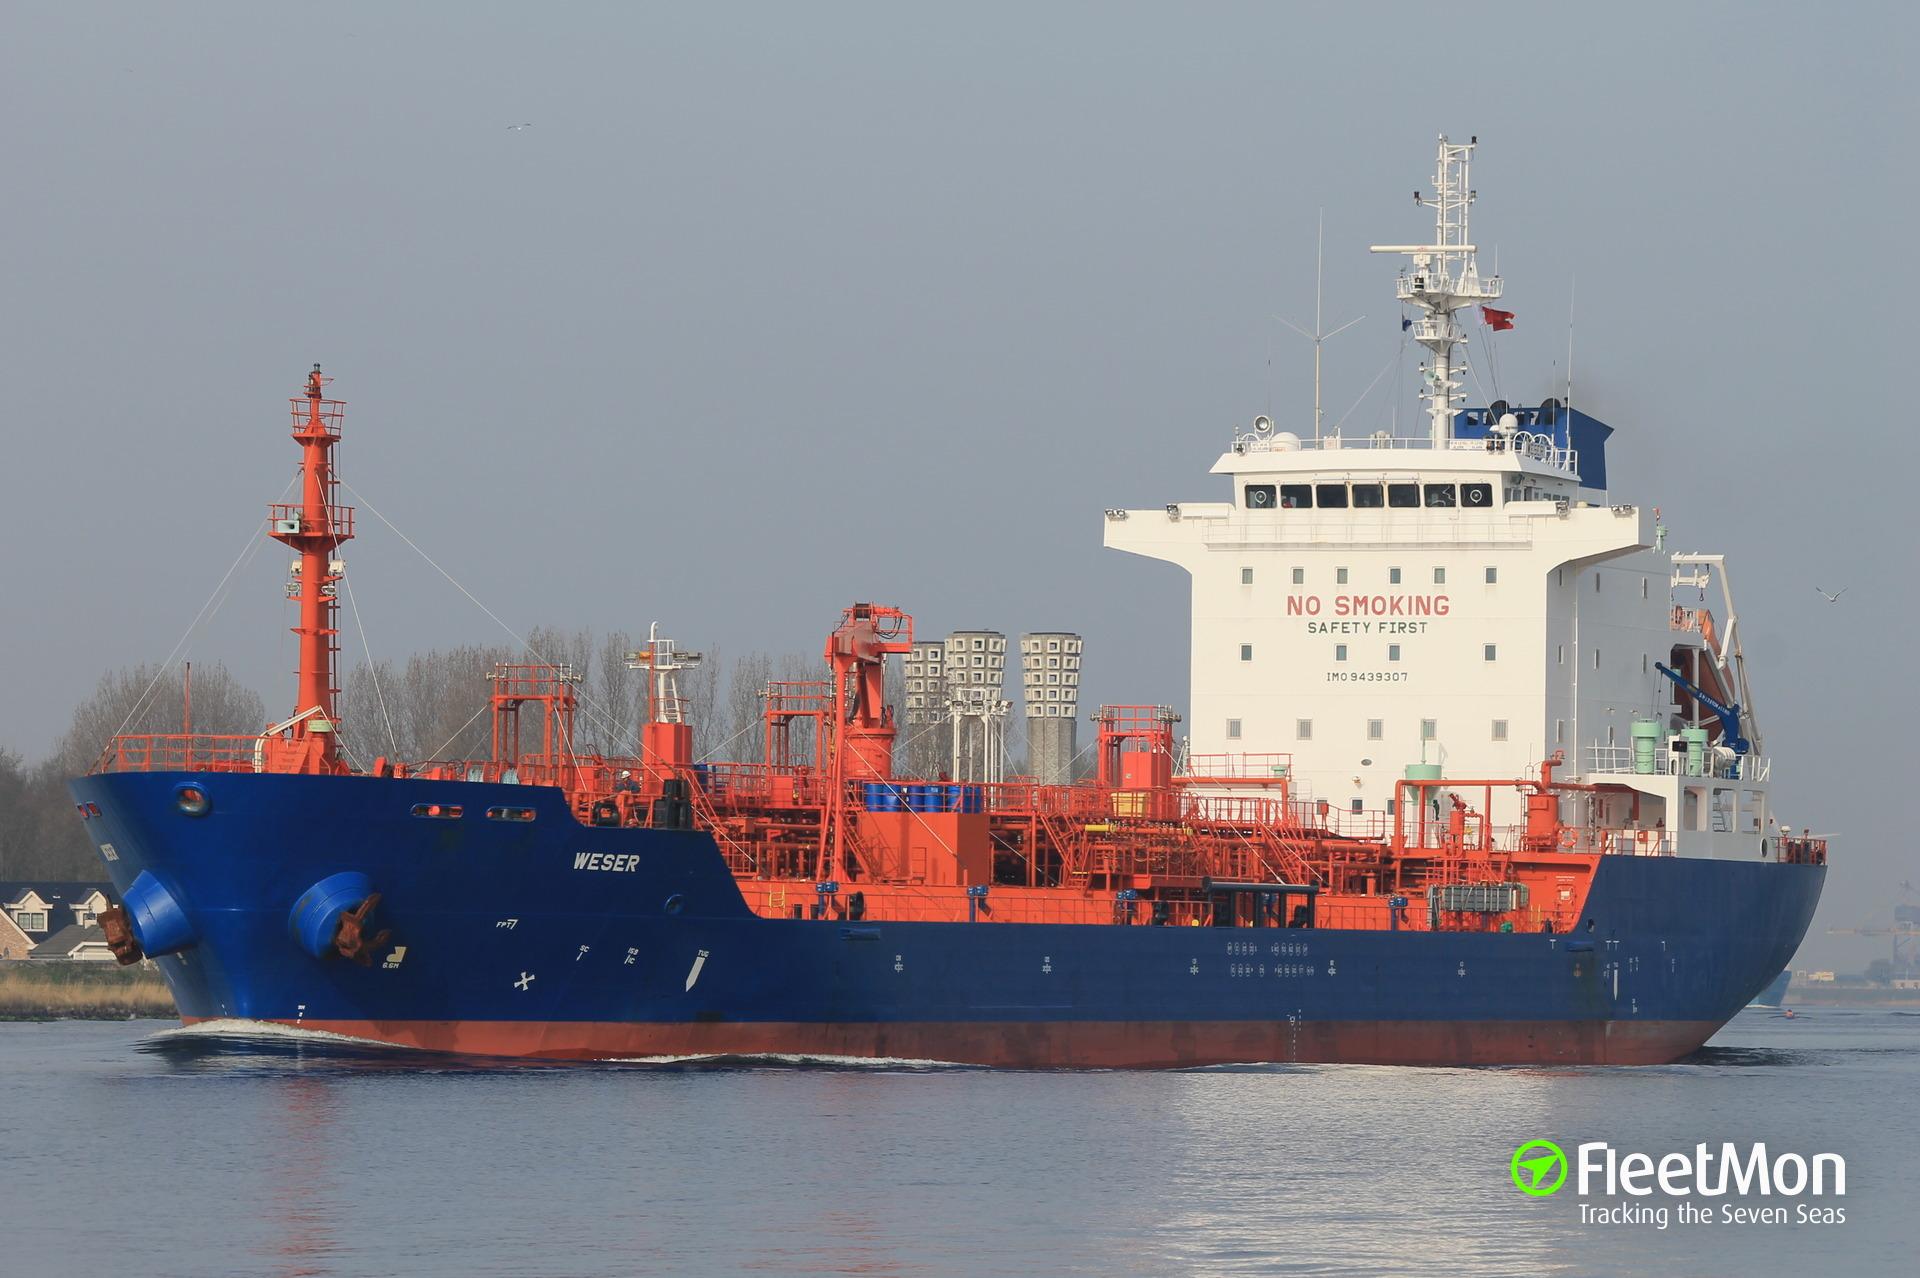 Master of product tanker Weser medevaced, Corpus Christi